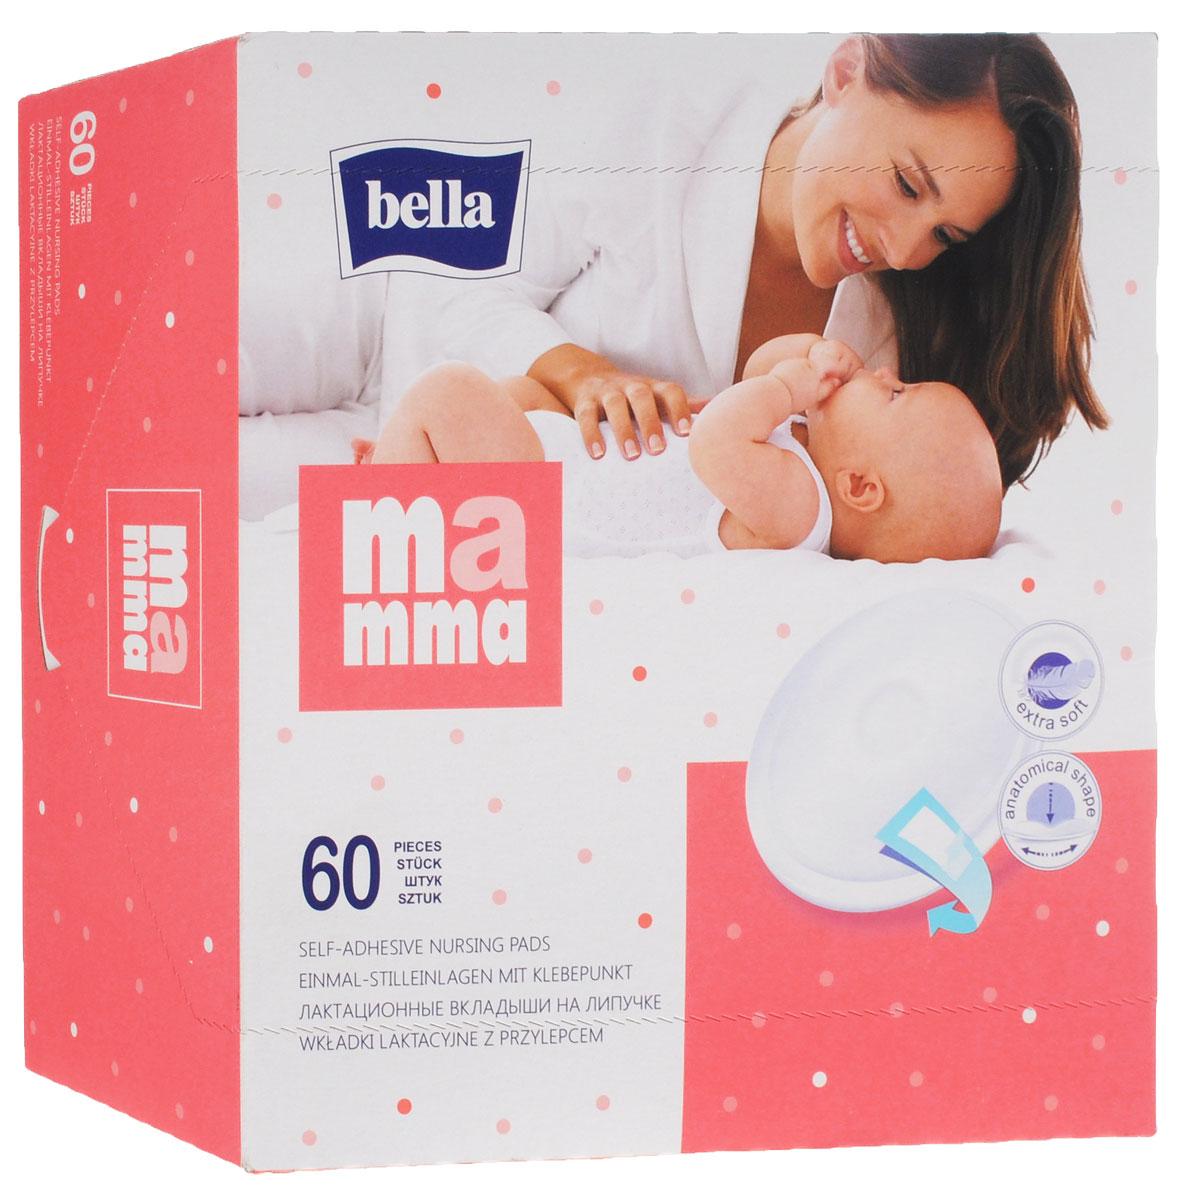 Bella Вкладыши лактационные Mamma на липучке 60 шт -  Уход и гигиена